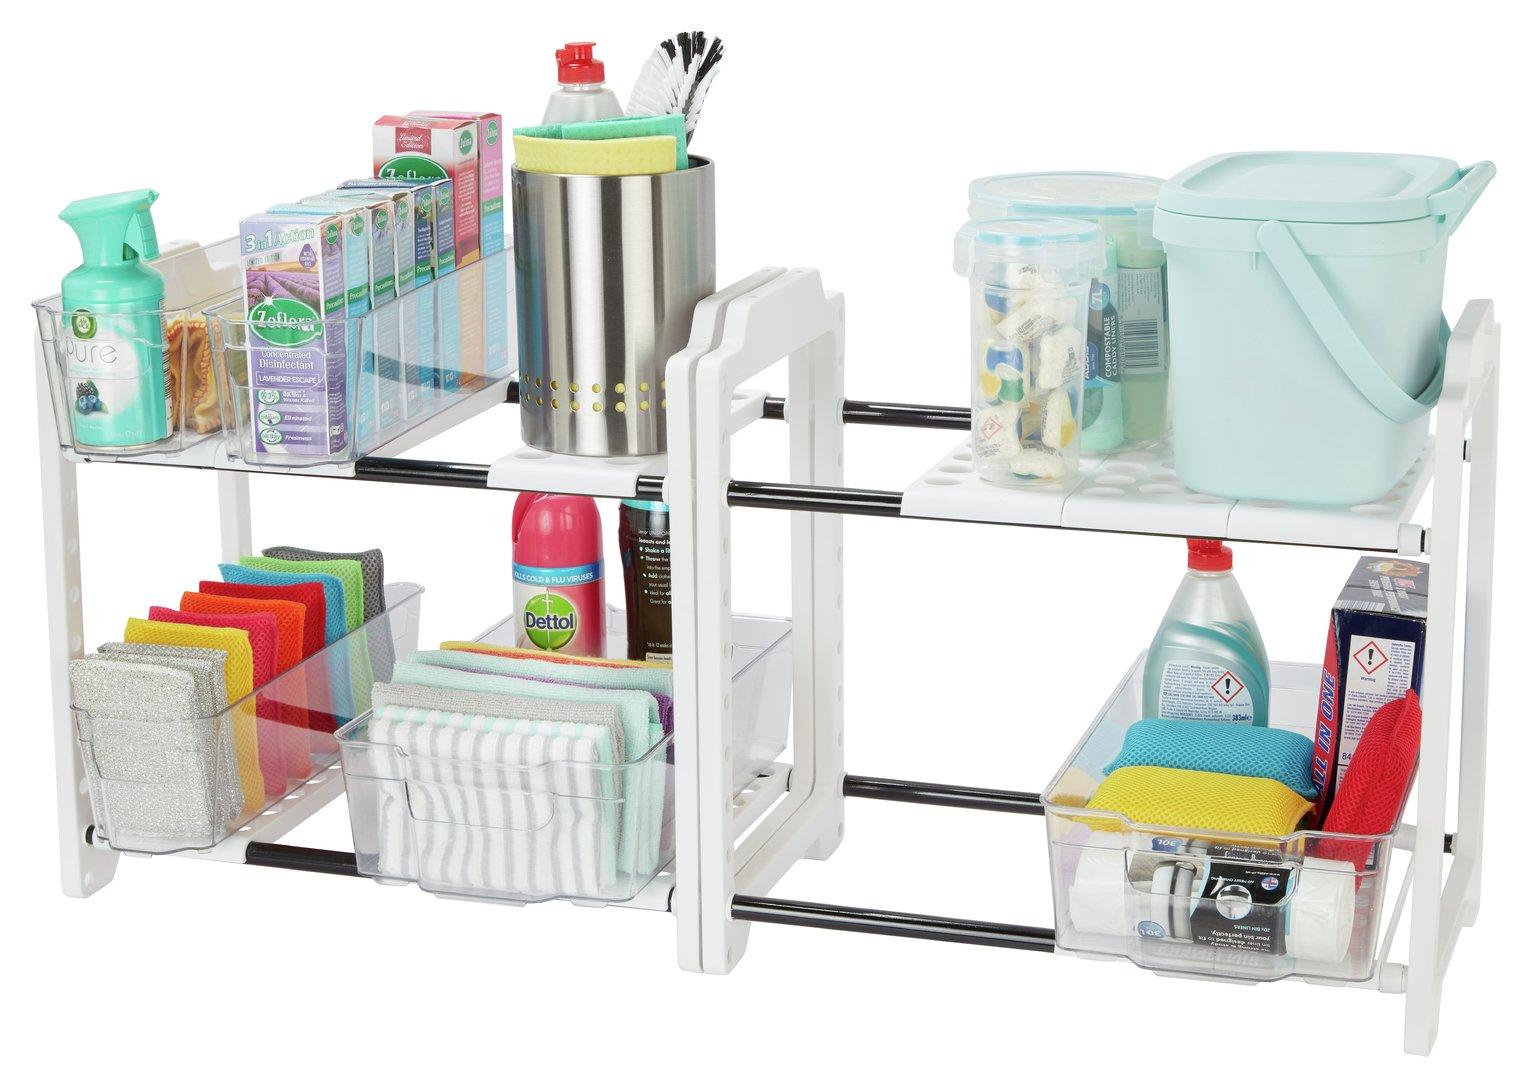 buy addis under sink storage unit white kitchen shelves and rh argos co uk under sink kitchen storage ideas under sink kitchen storage ideas